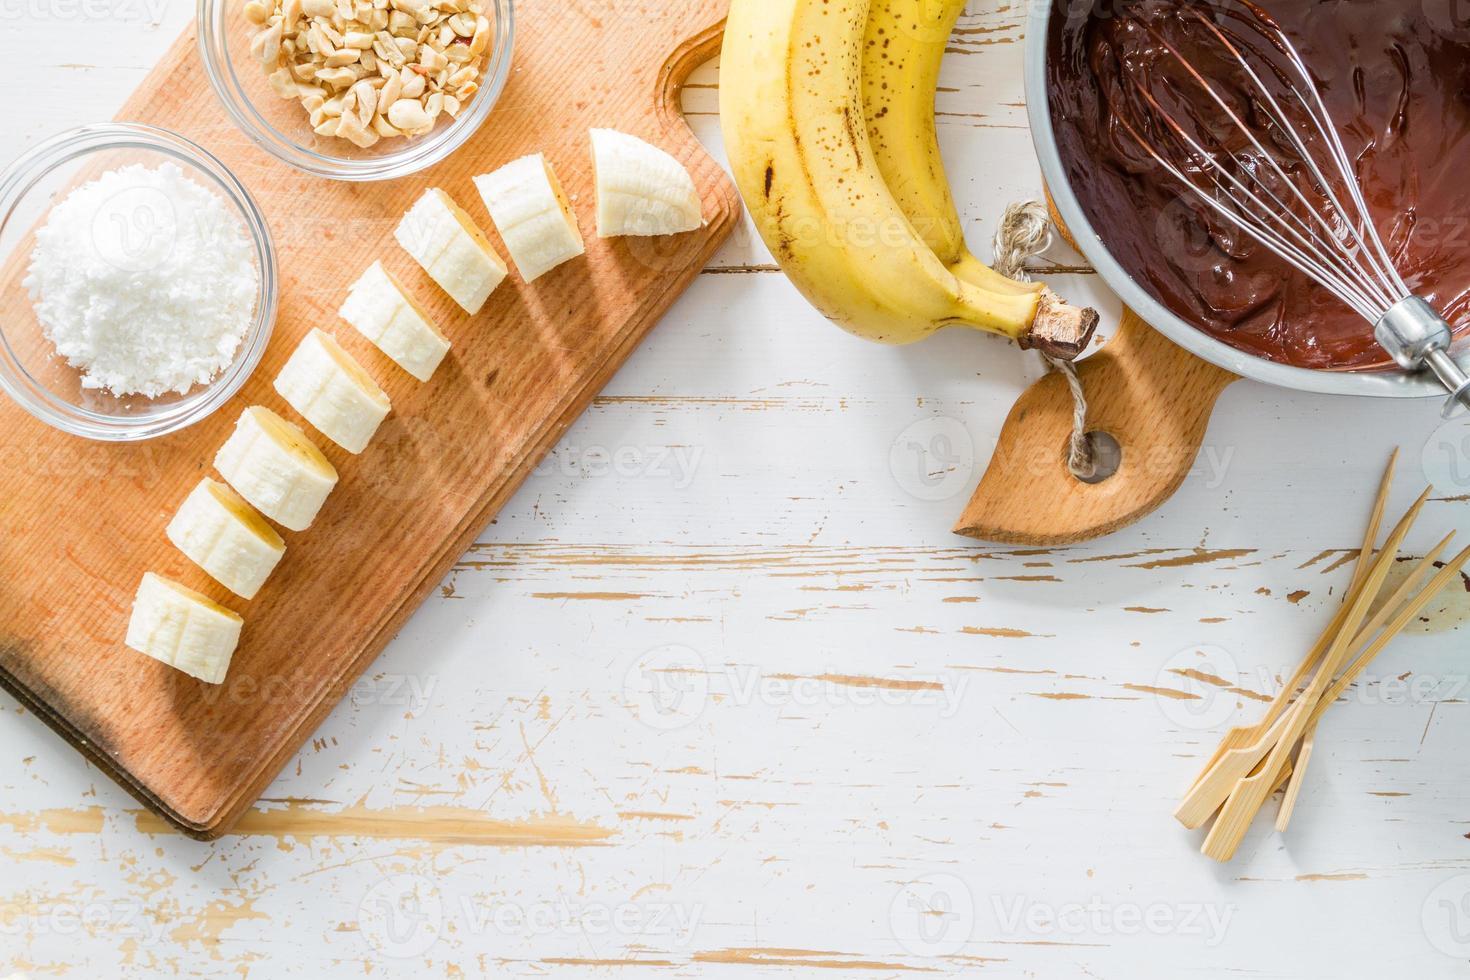 preparación de paletas de plátano: plátano, chocolate, nueces, coco en polvo, palos foto